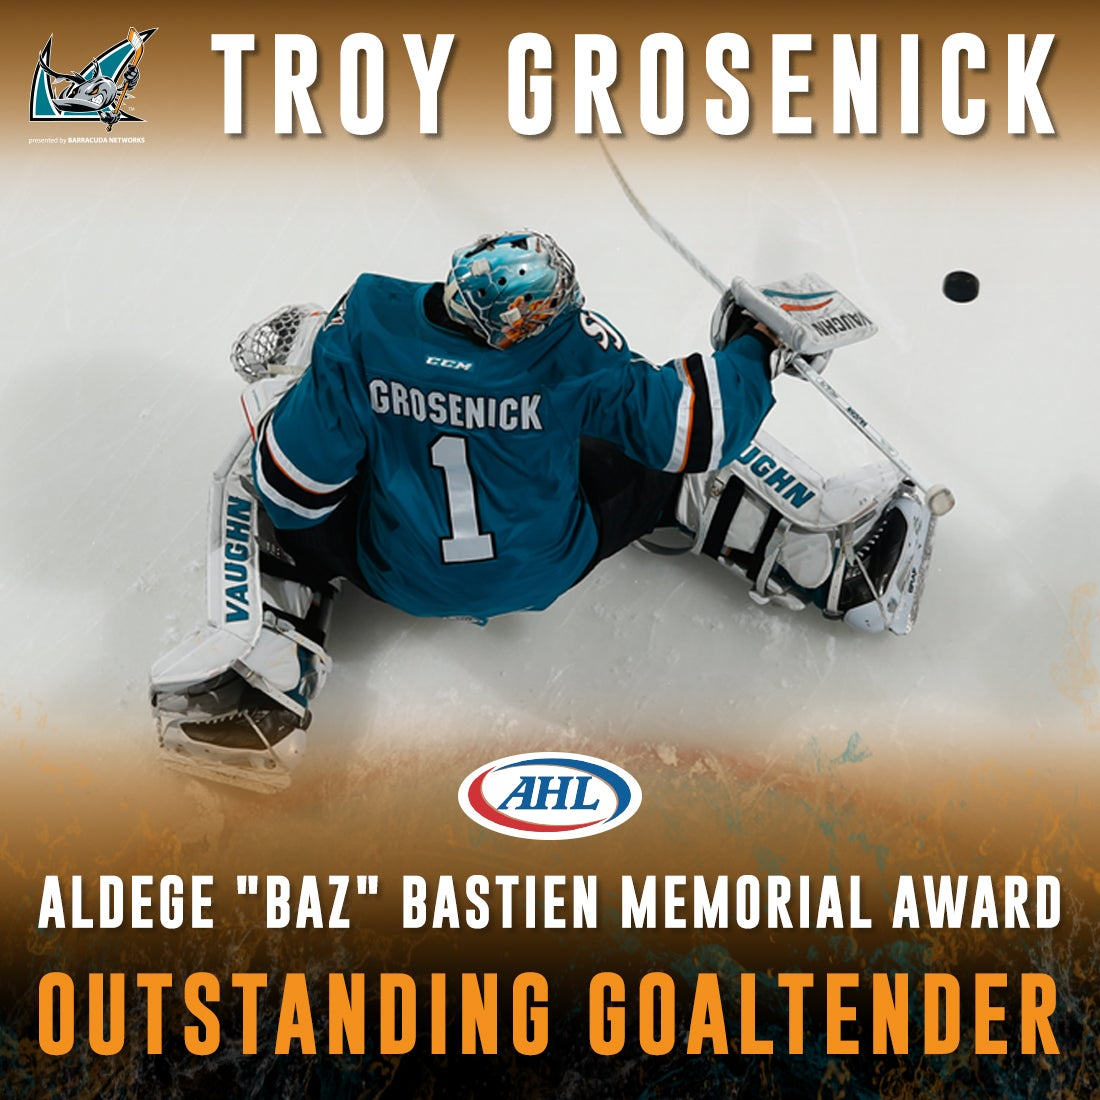 SJB_AHL-Awards_1100x1100_Grosenick-BestGoalie.jpg